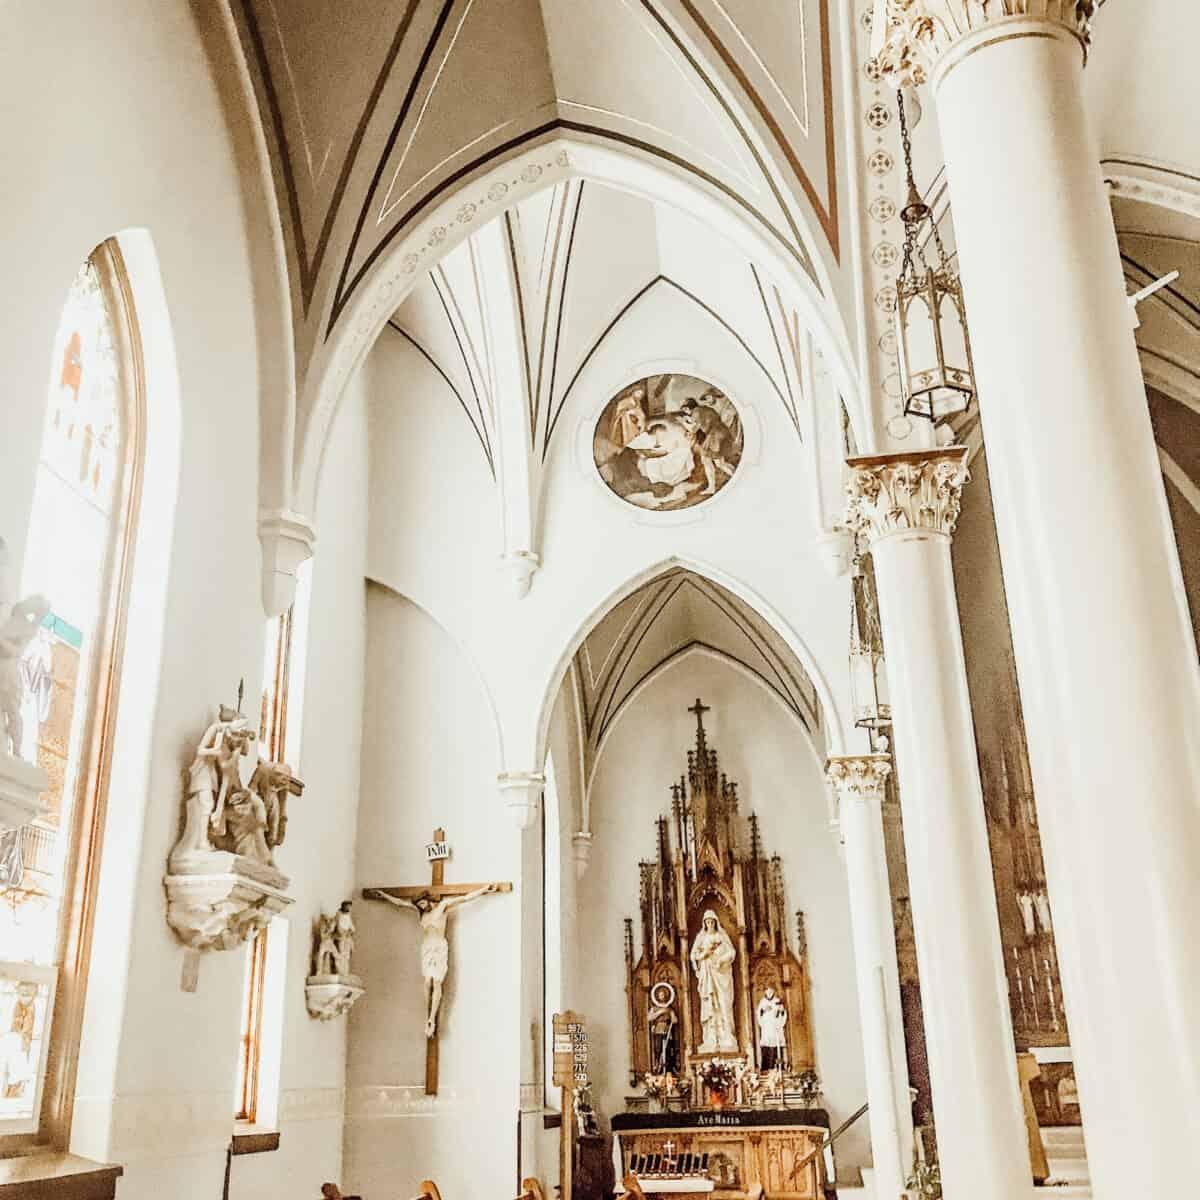 side altar in a Catholic Church